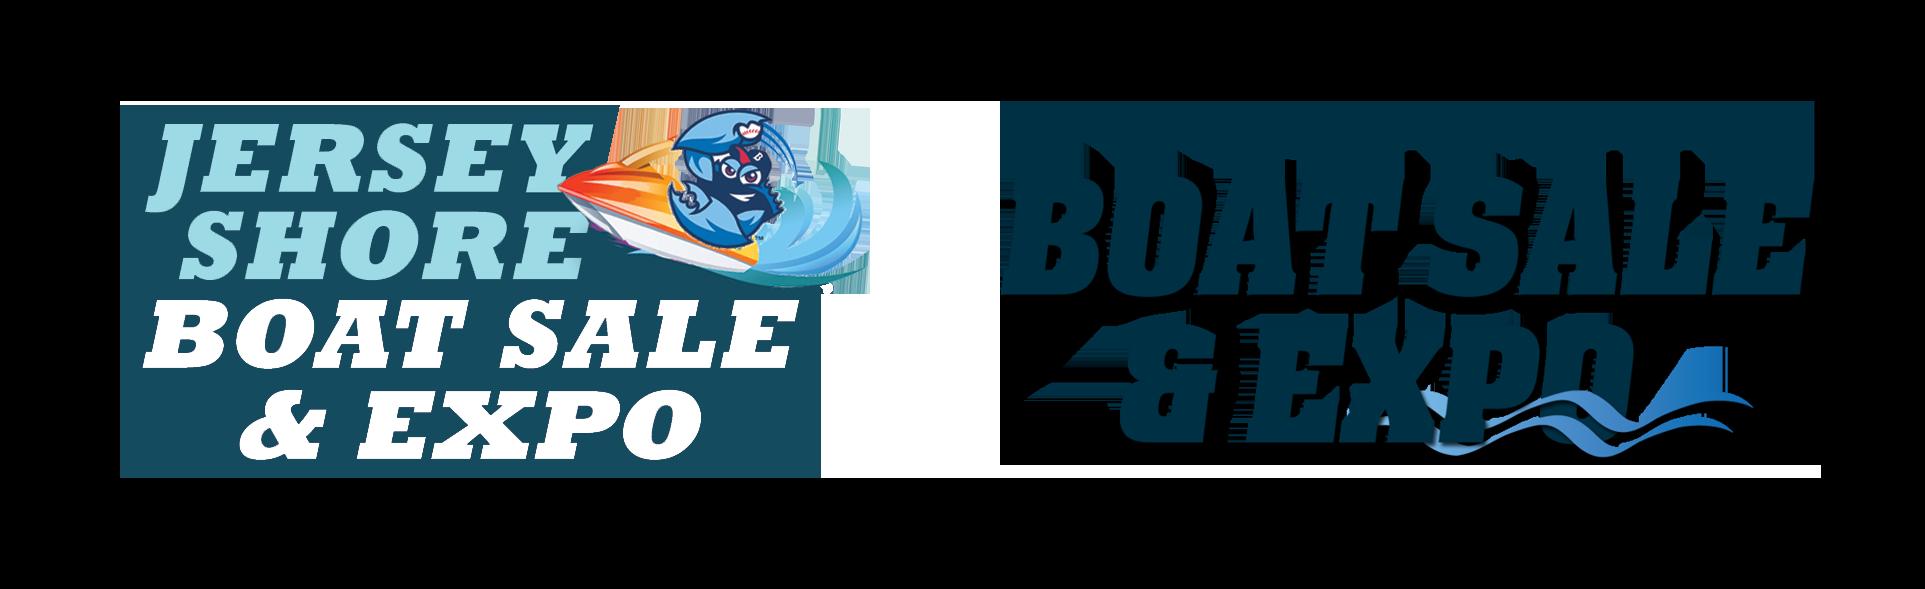 Jersey Shore Boat Expo | New Jersey Boat Expo